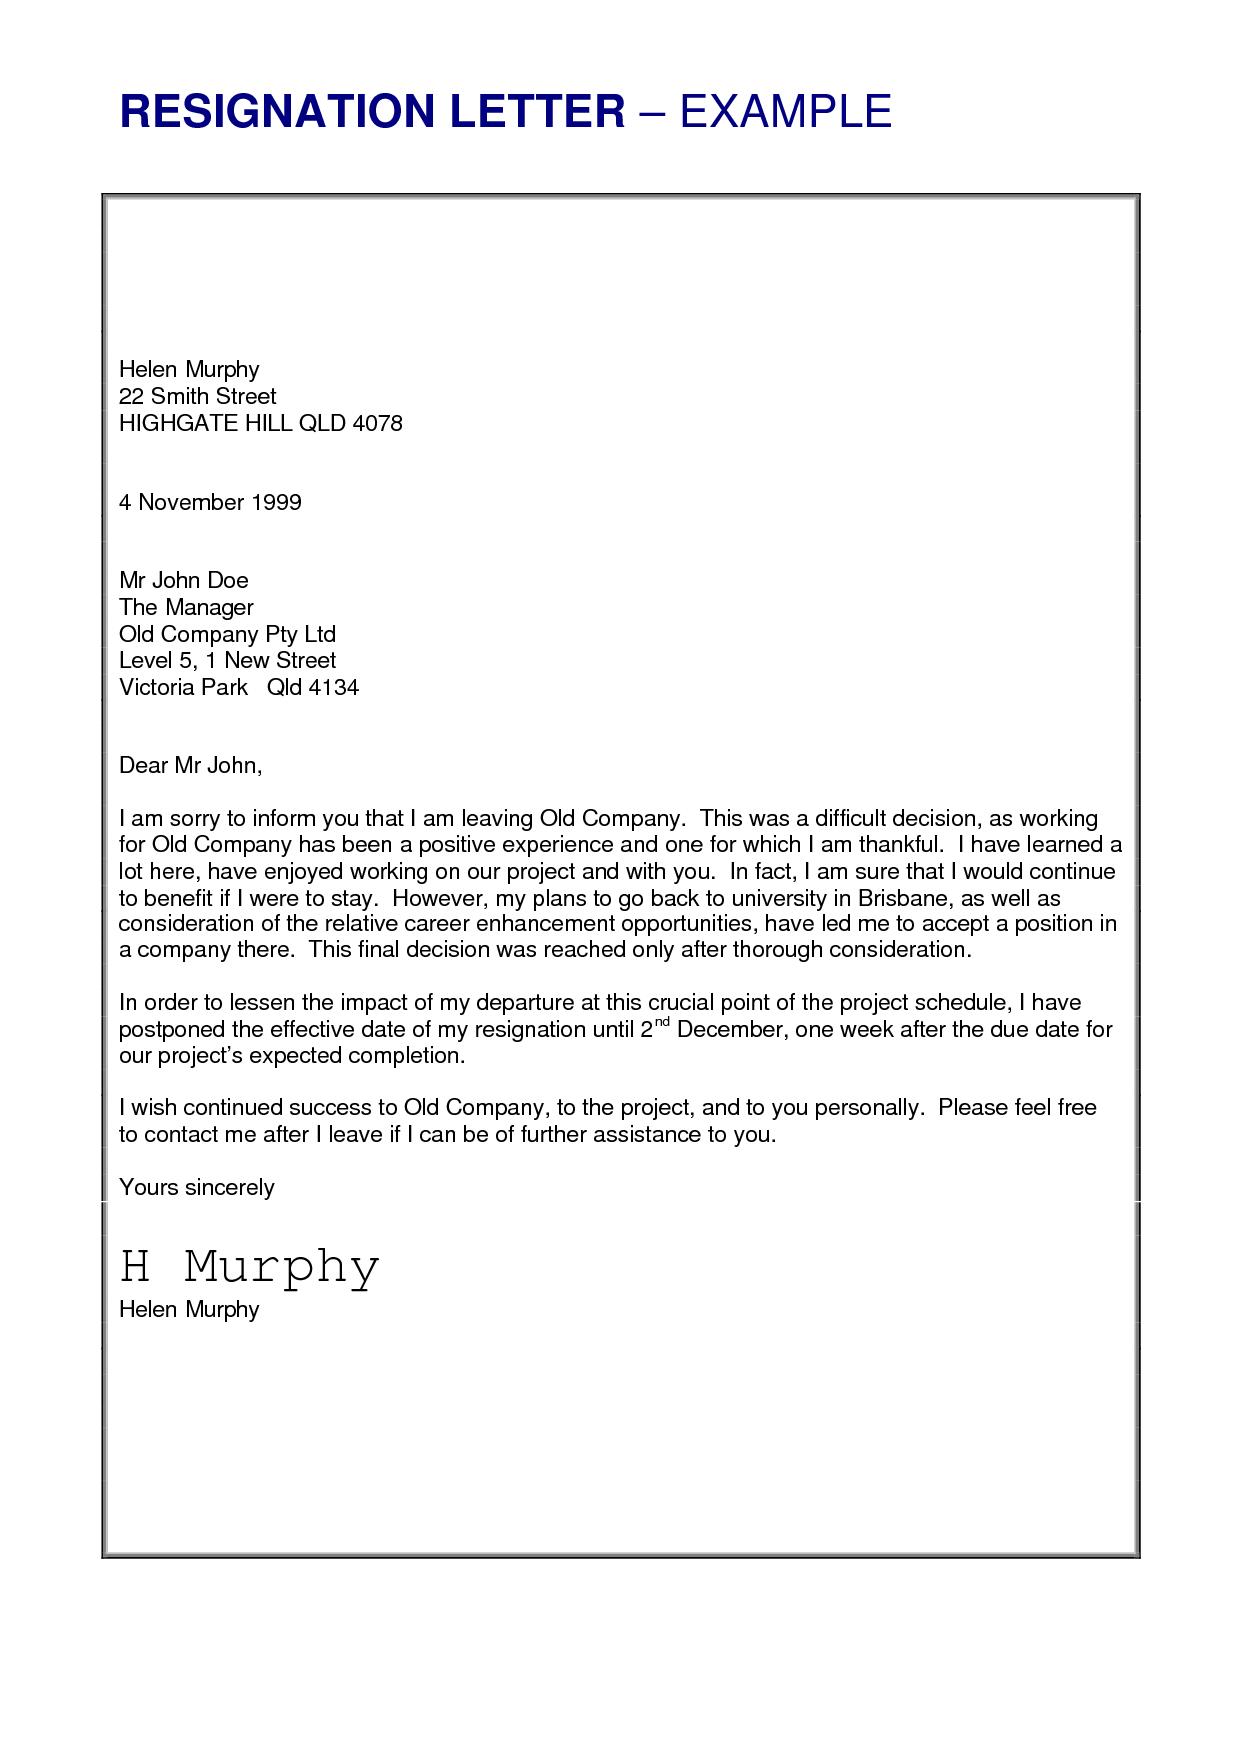 Formal Resignation Letter Template - Job Resignation Letter Sample Loganun Blog Job